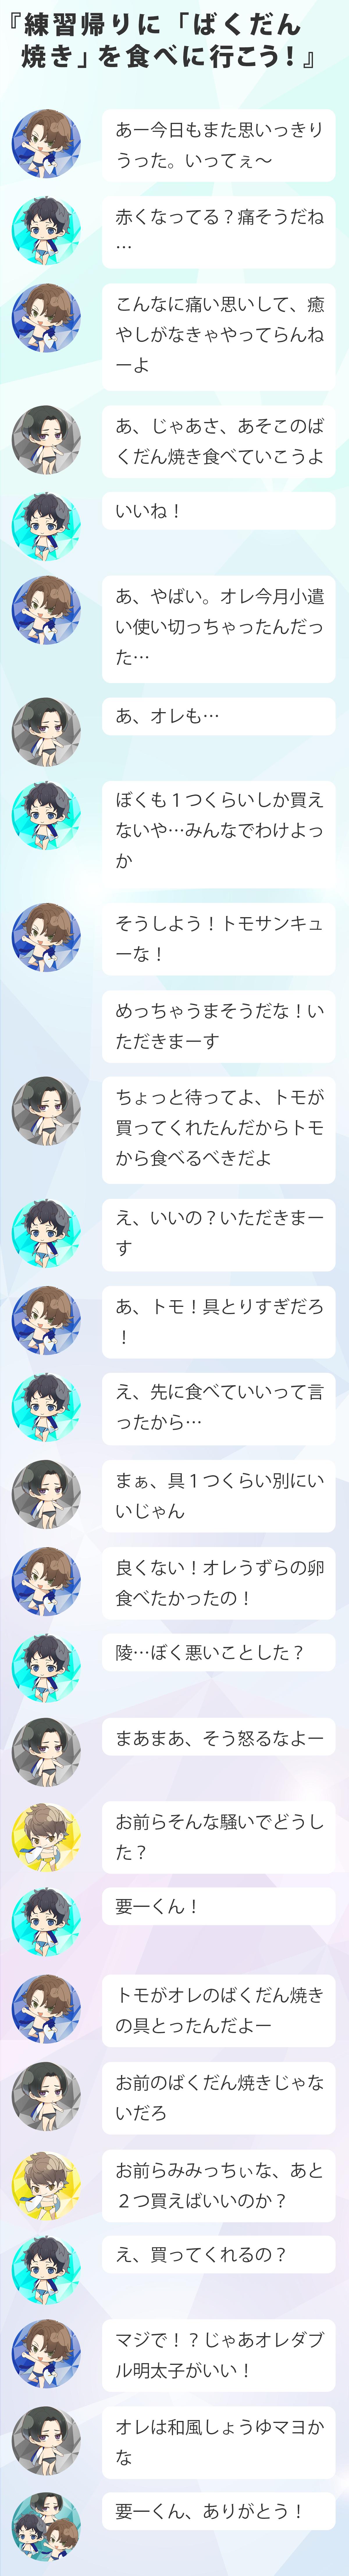 episode_bakudan (1).png